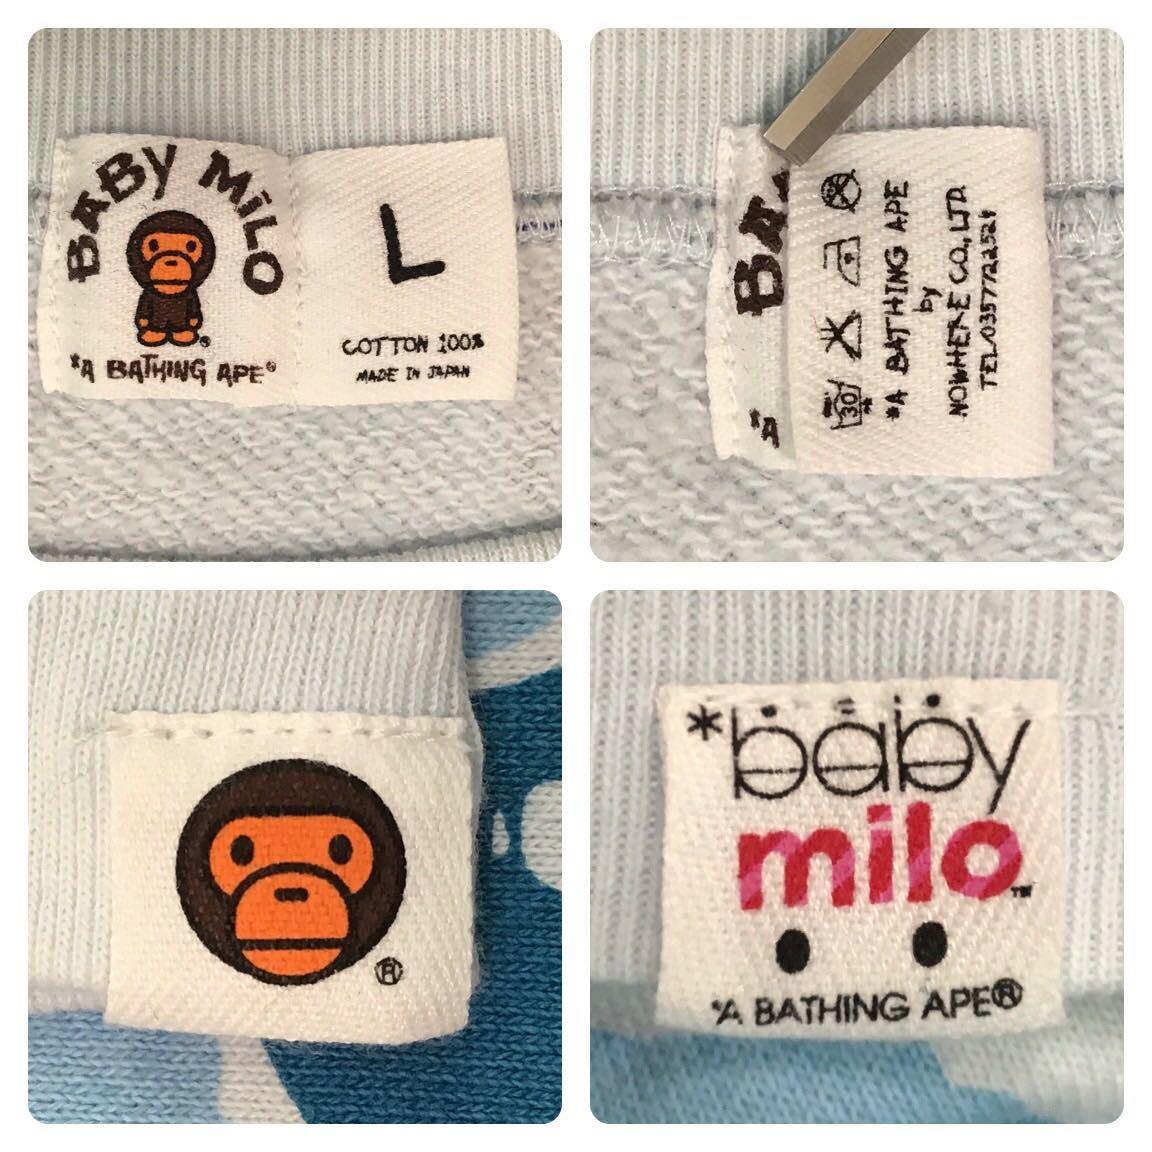 ABC milo camo blue 長袖スウェット Lサイズ a bathing ape bape sweat エイプ ベイプ アベイシングエイプ ABCカモ 迷彩 2280